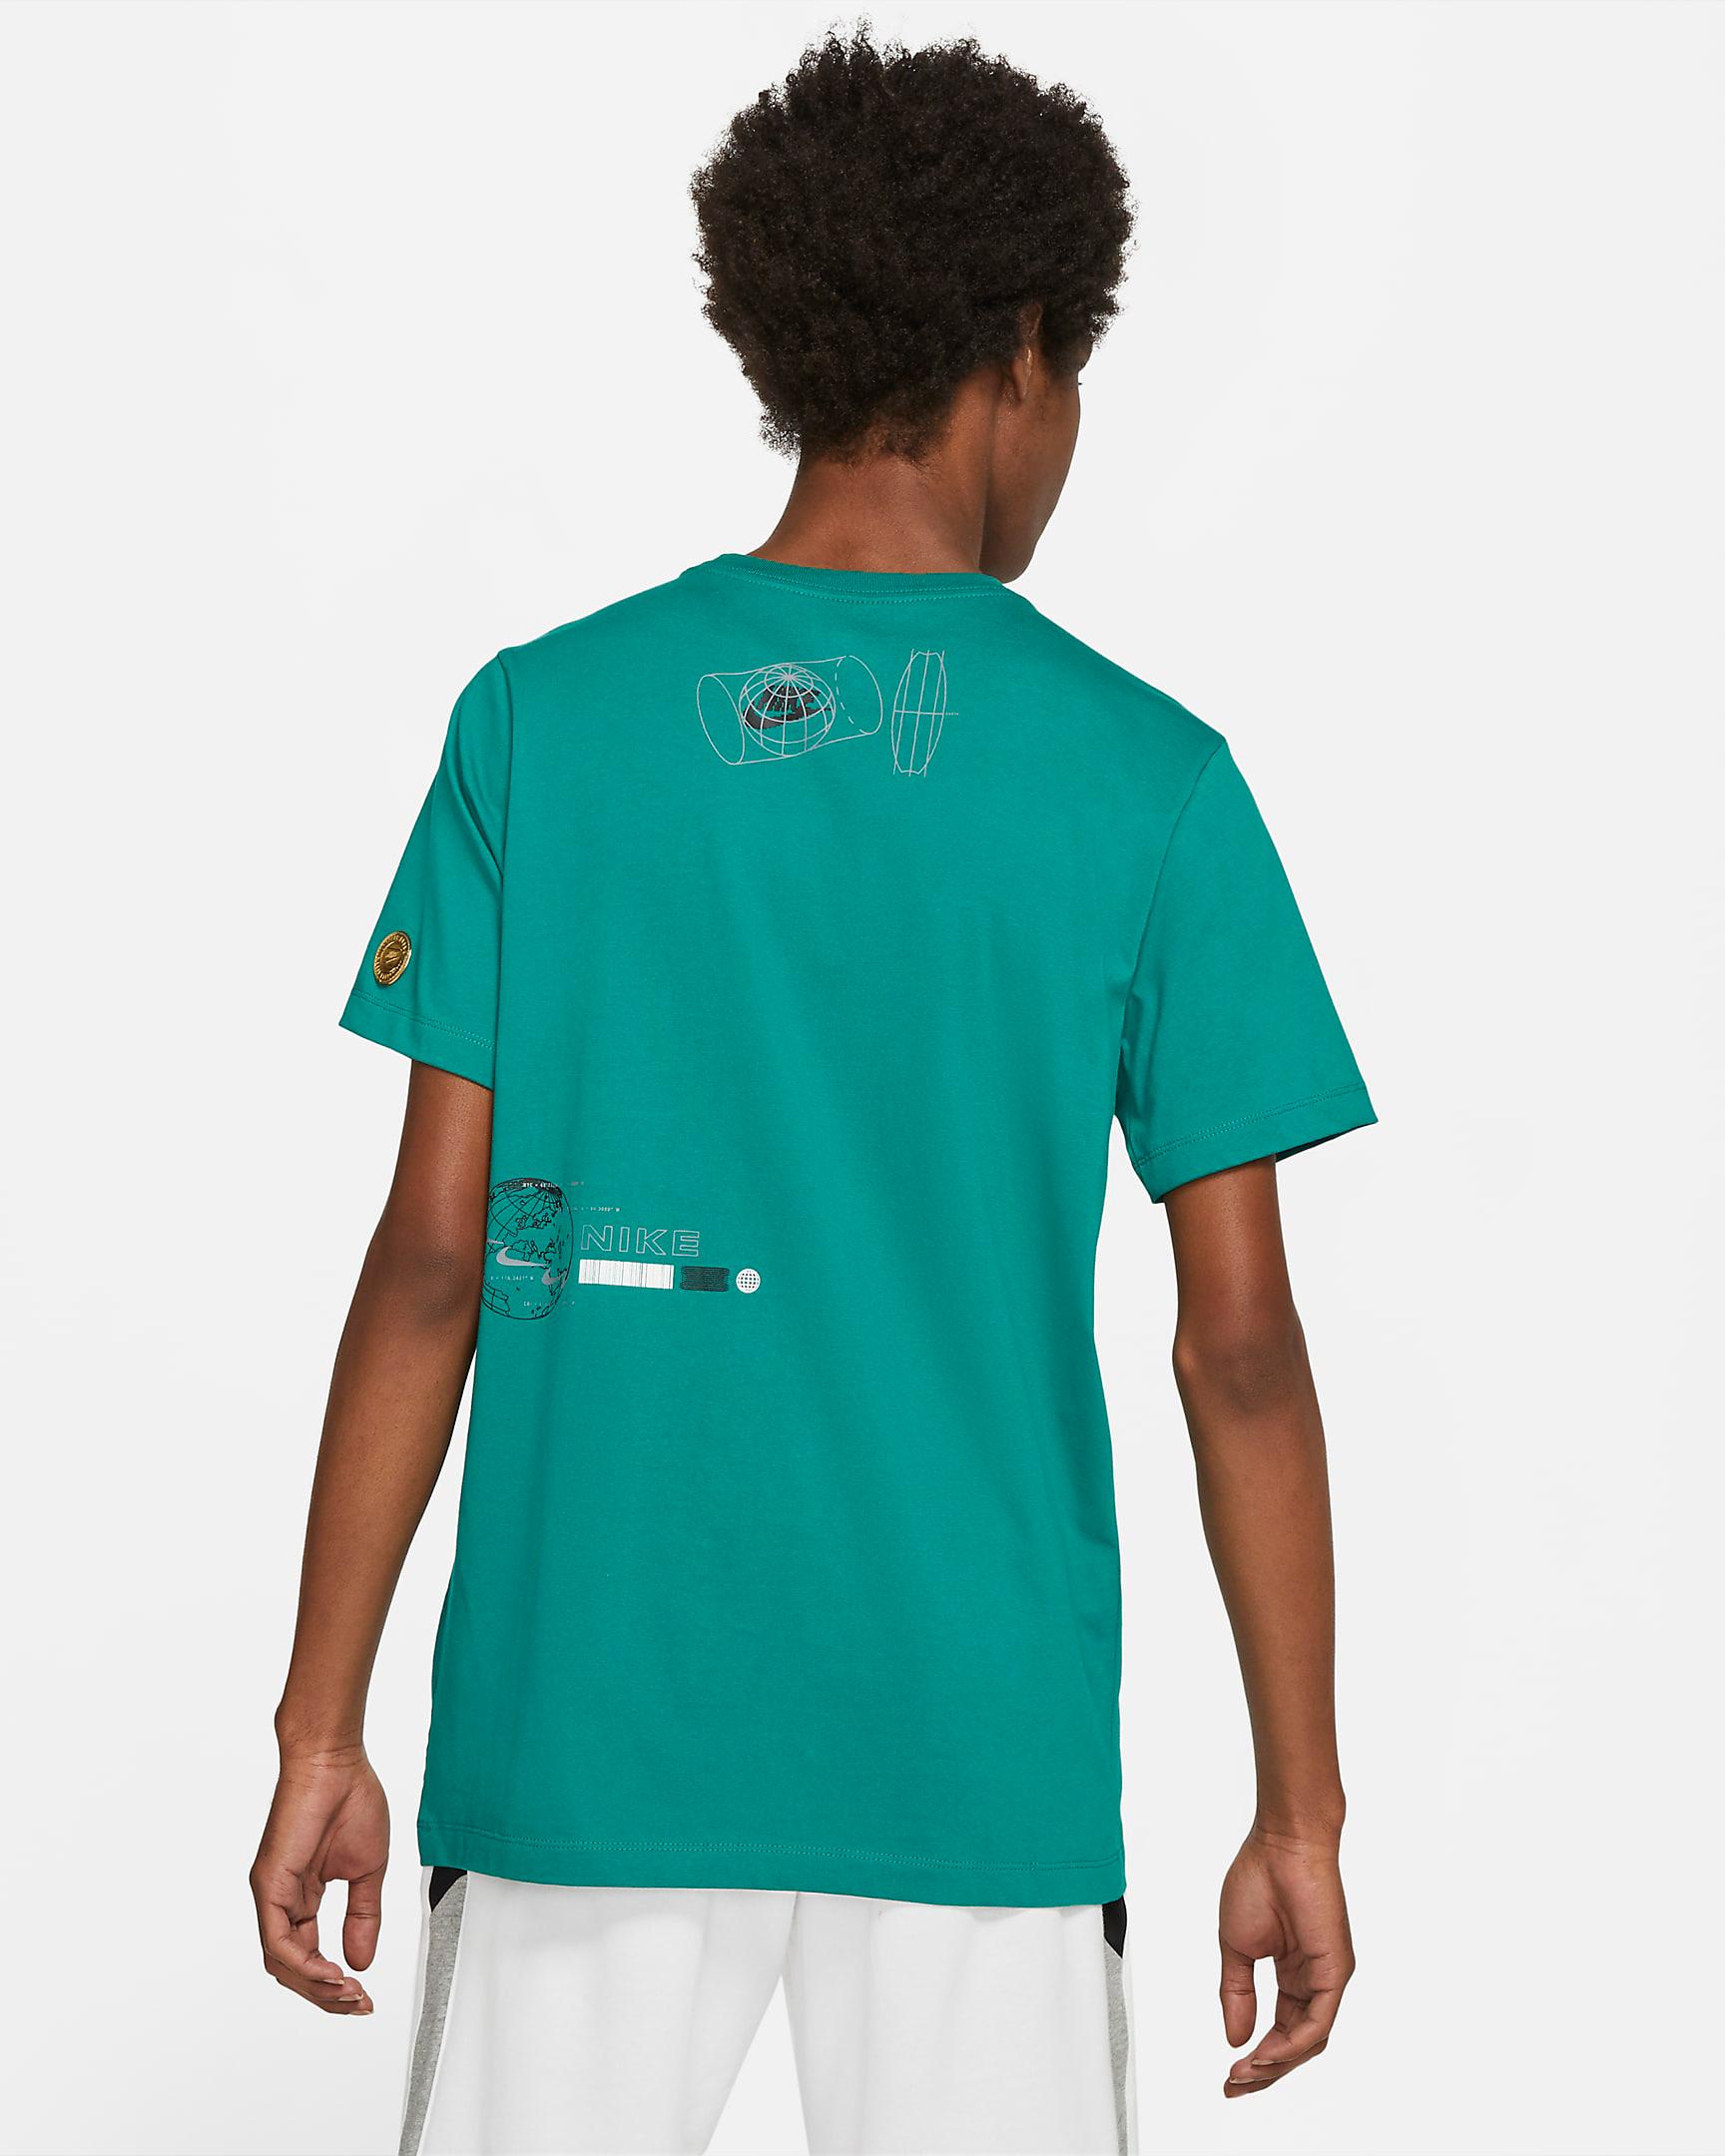 nike-air-vapormax-plus-atlanta-city-mystic-green-shirt-2